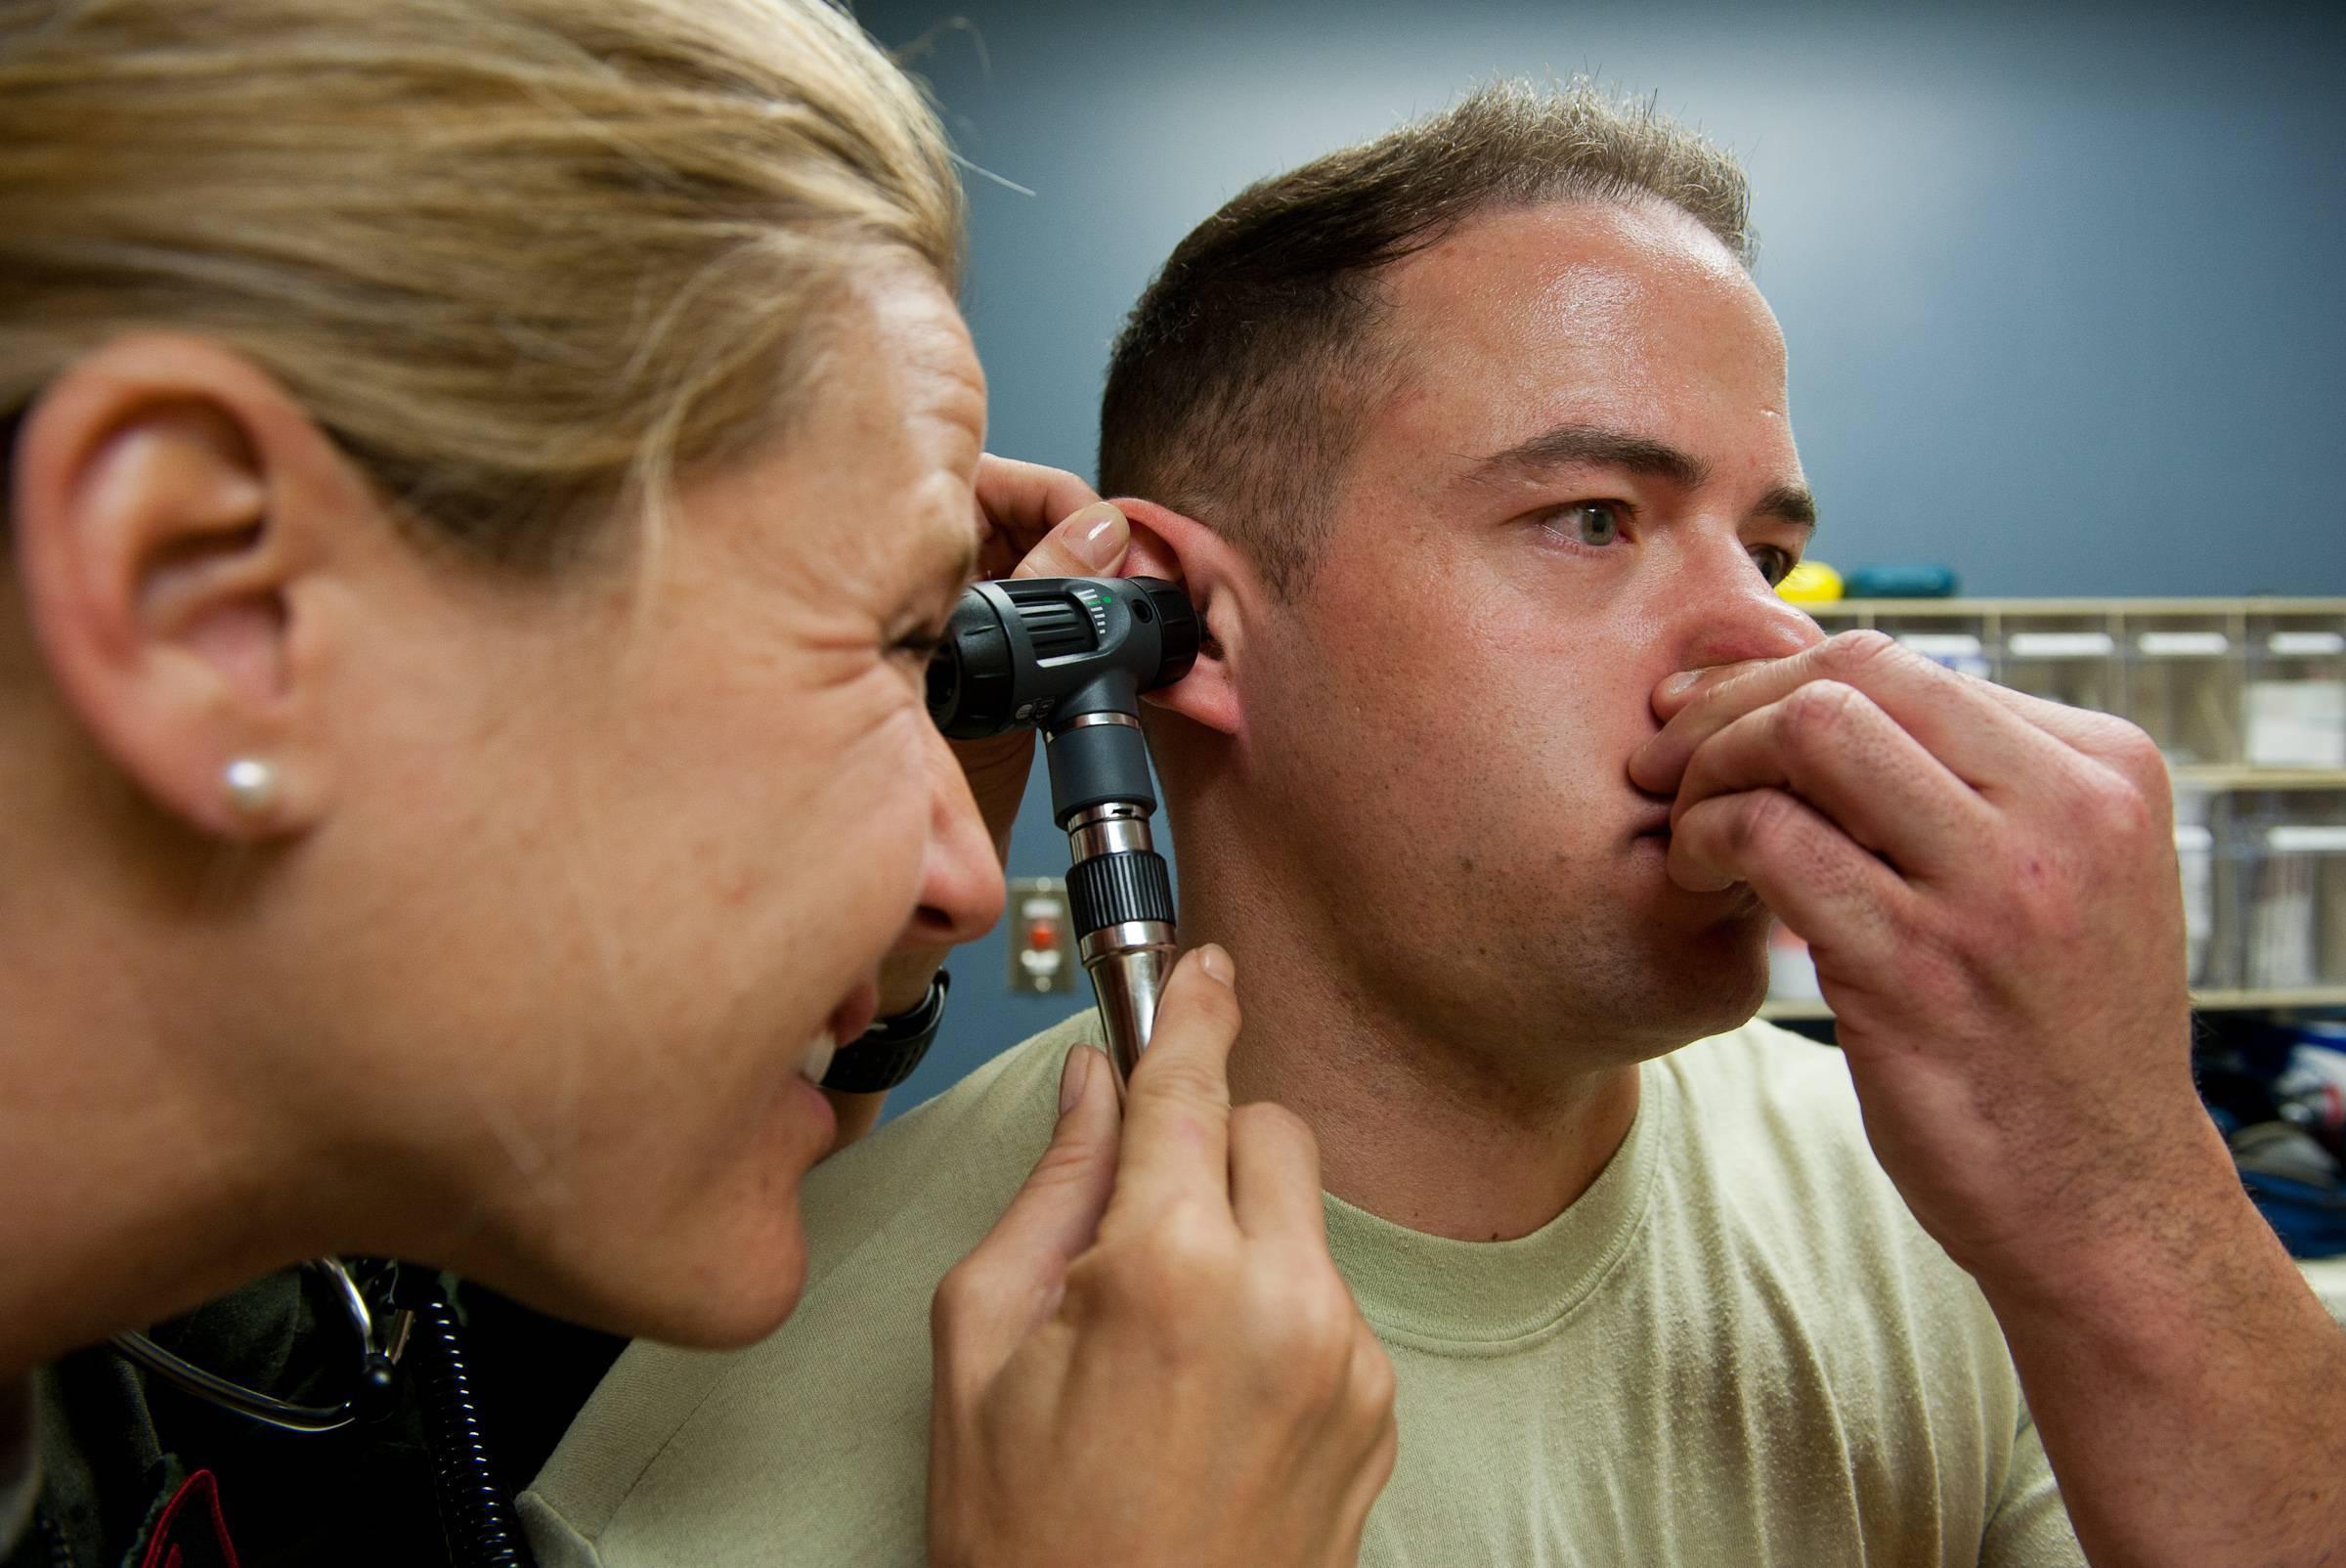 Закладывает уши при насморке и кашле как лечить